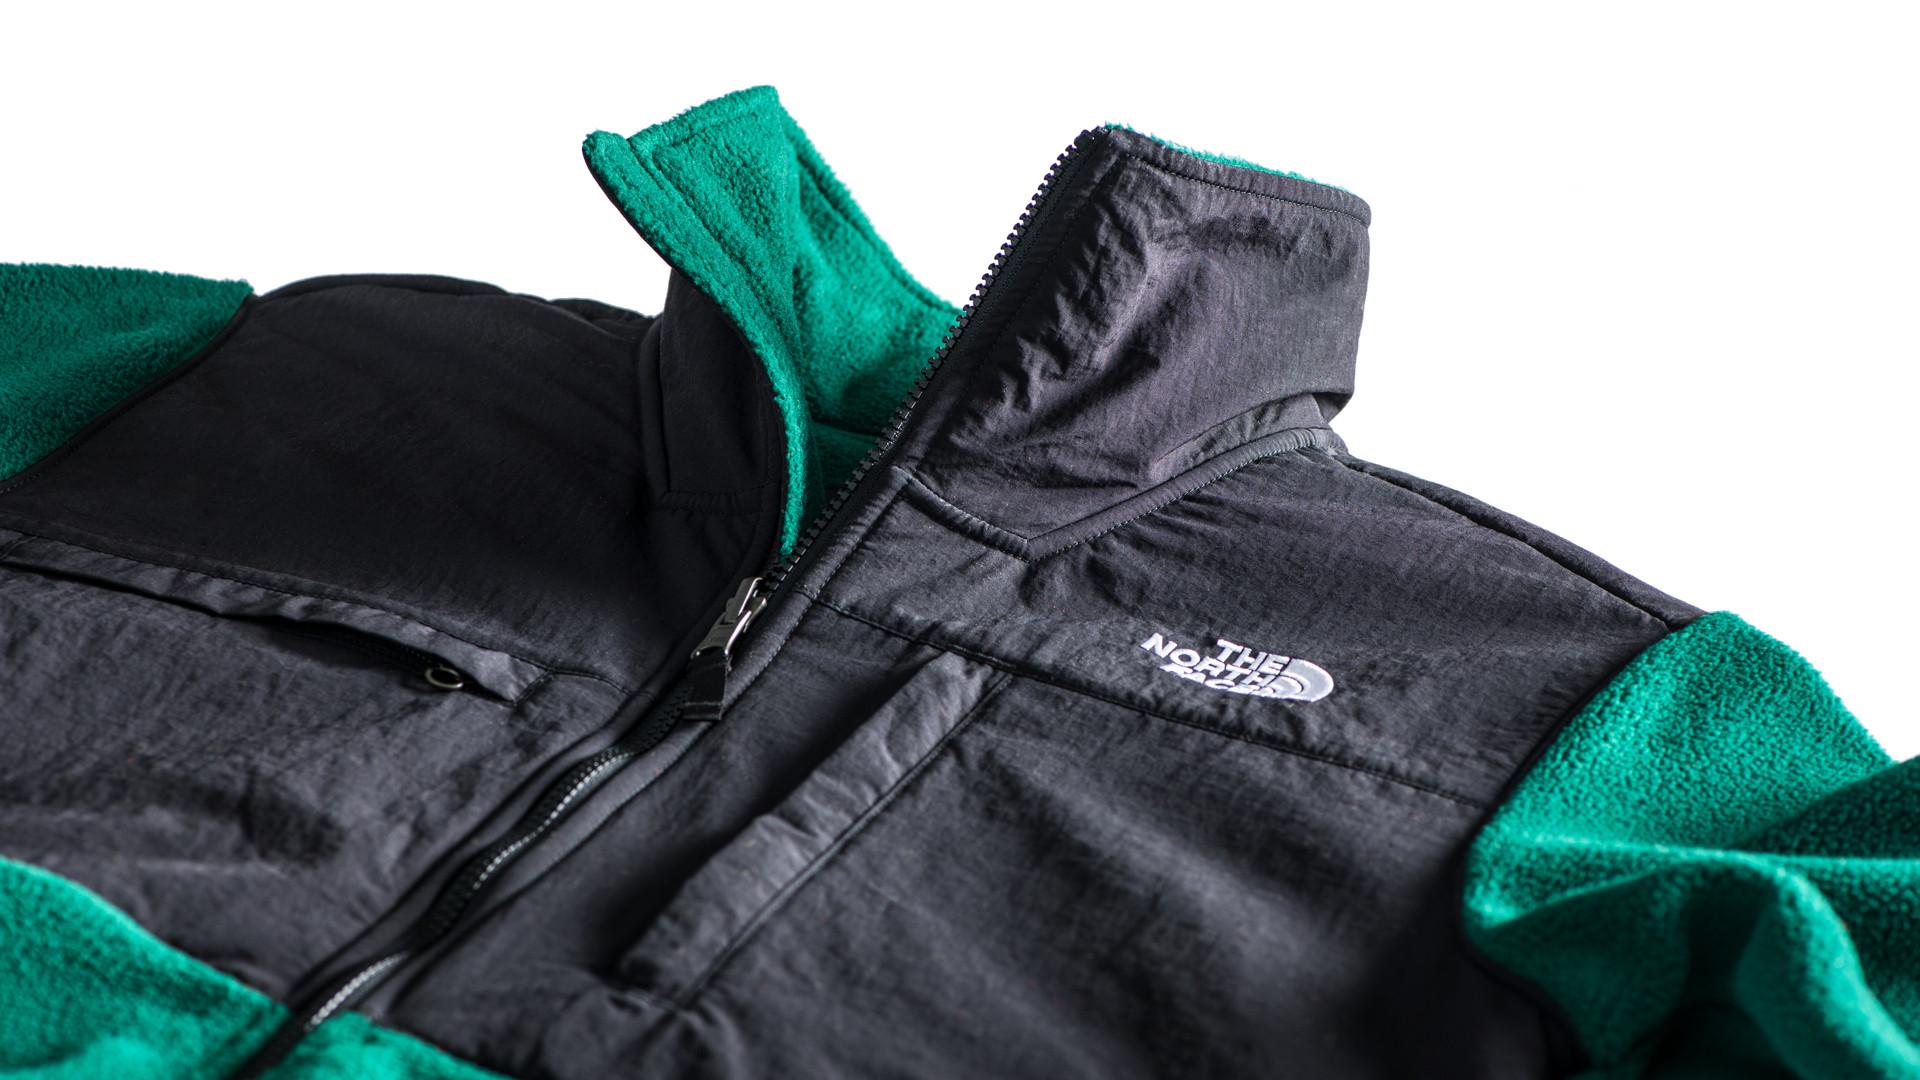 The North Face '95 Denali Jacket